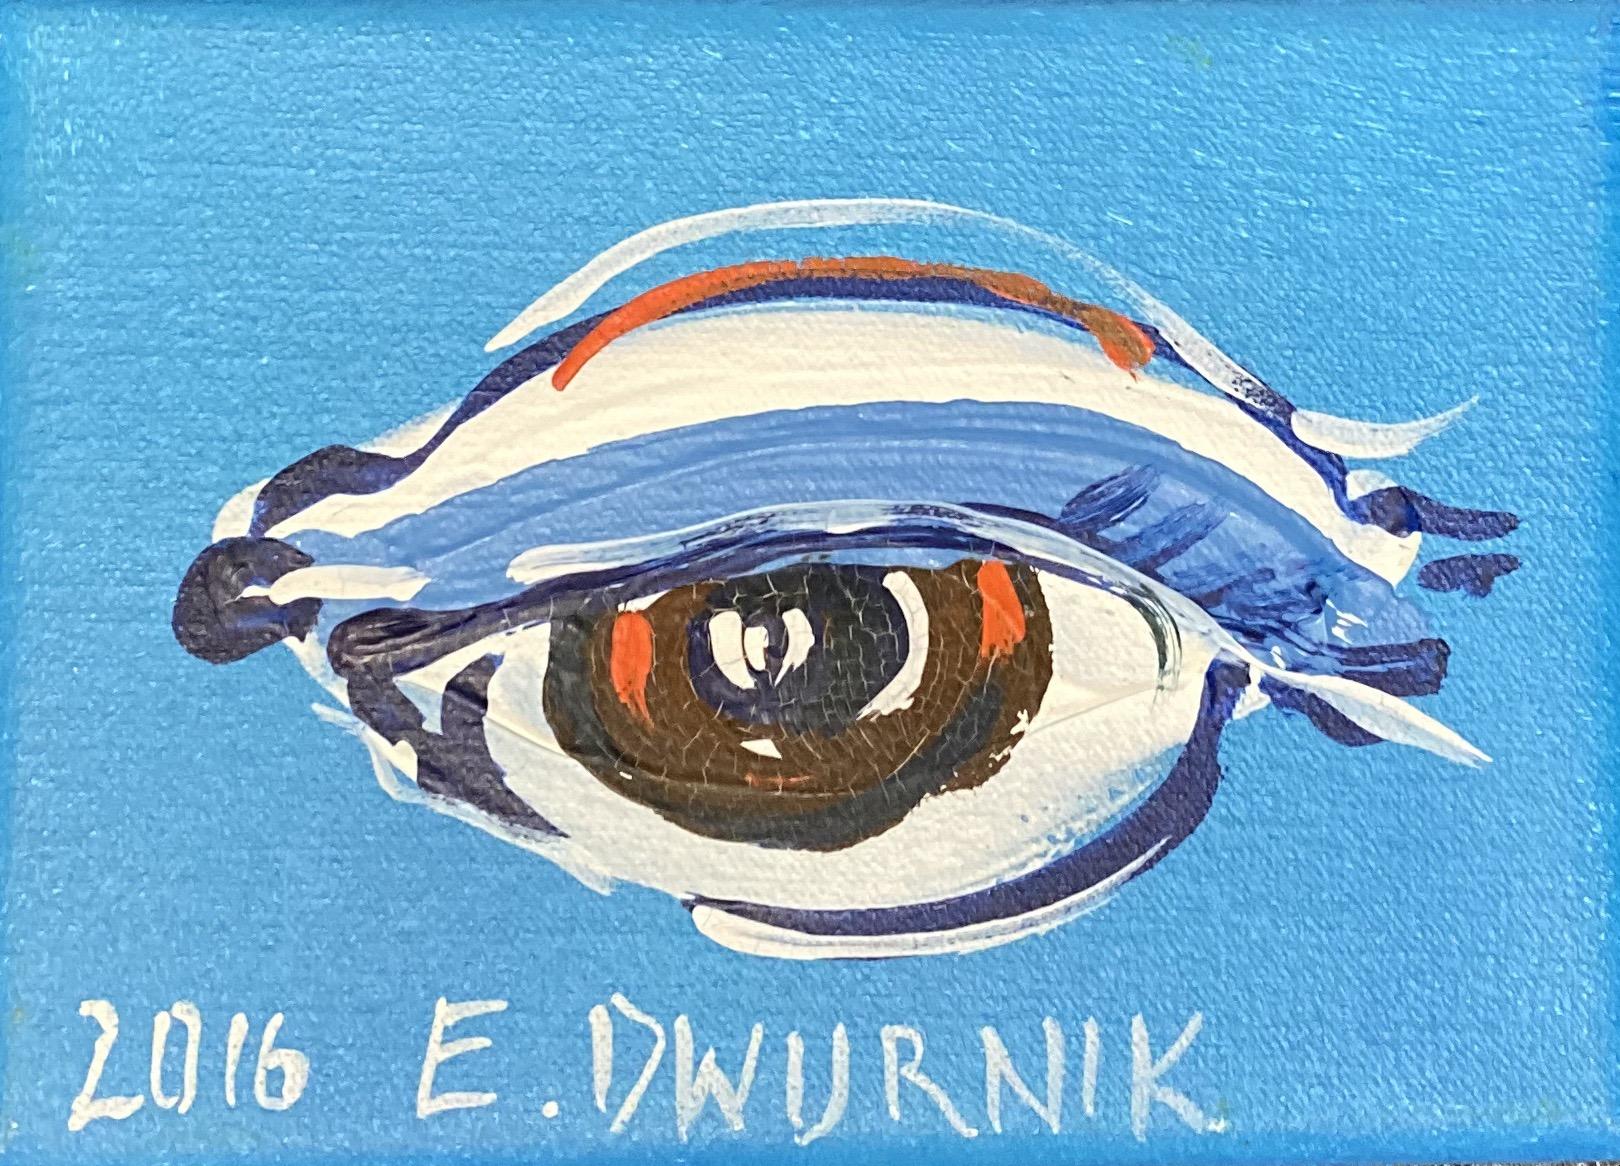 Edward Dwurnik – Oko